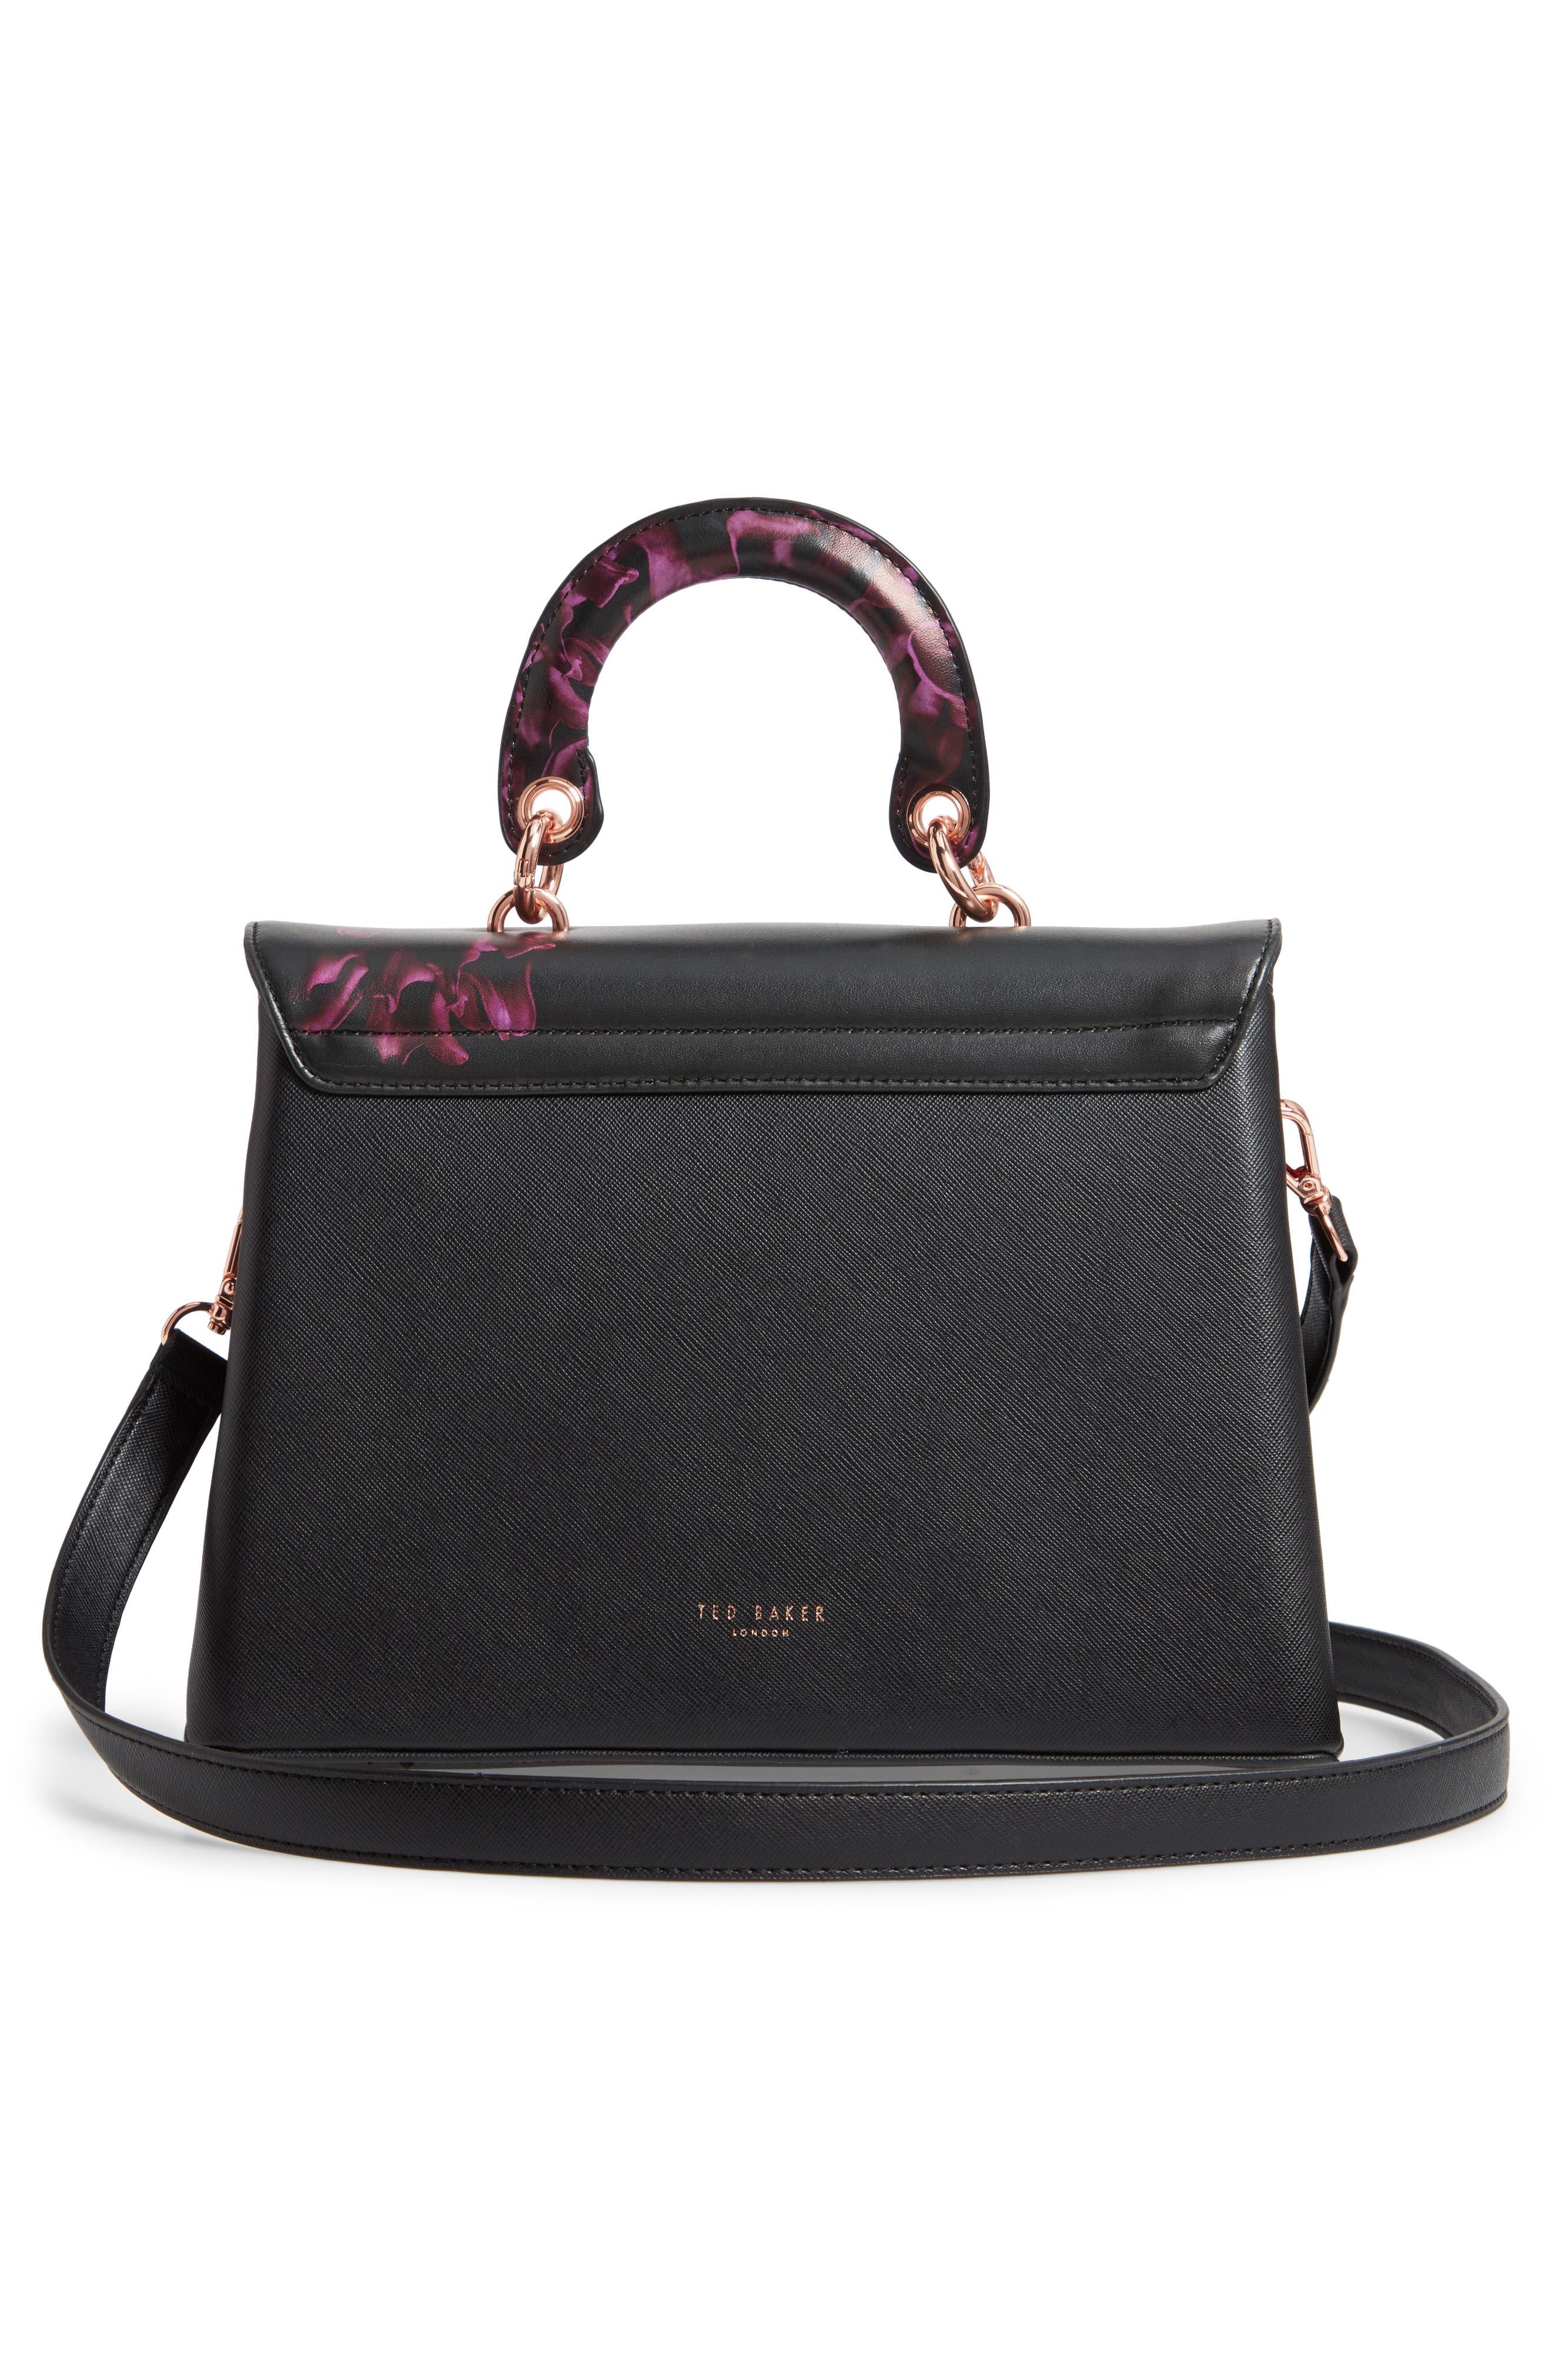 Splendour Lady Bag Faux Leather Top Handle Satchel,                             Alternate thumbnail 3, color,                             BLACK